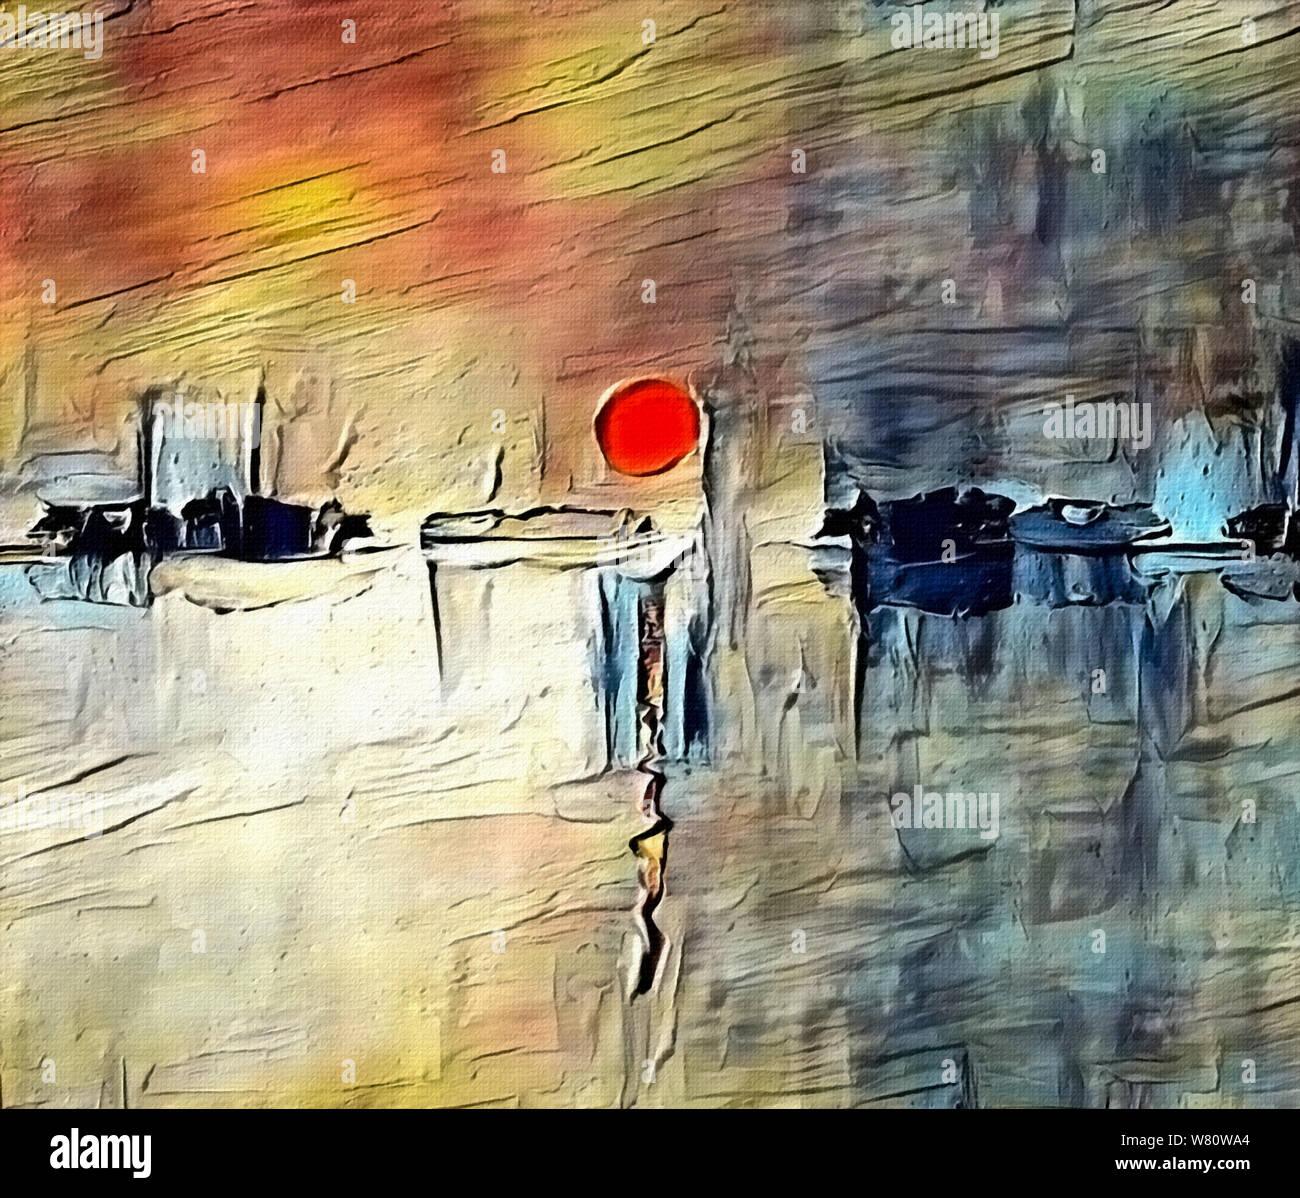 Moderne Abstrakte Malerei In Sumi E Stil Roter Sonnenuntergang